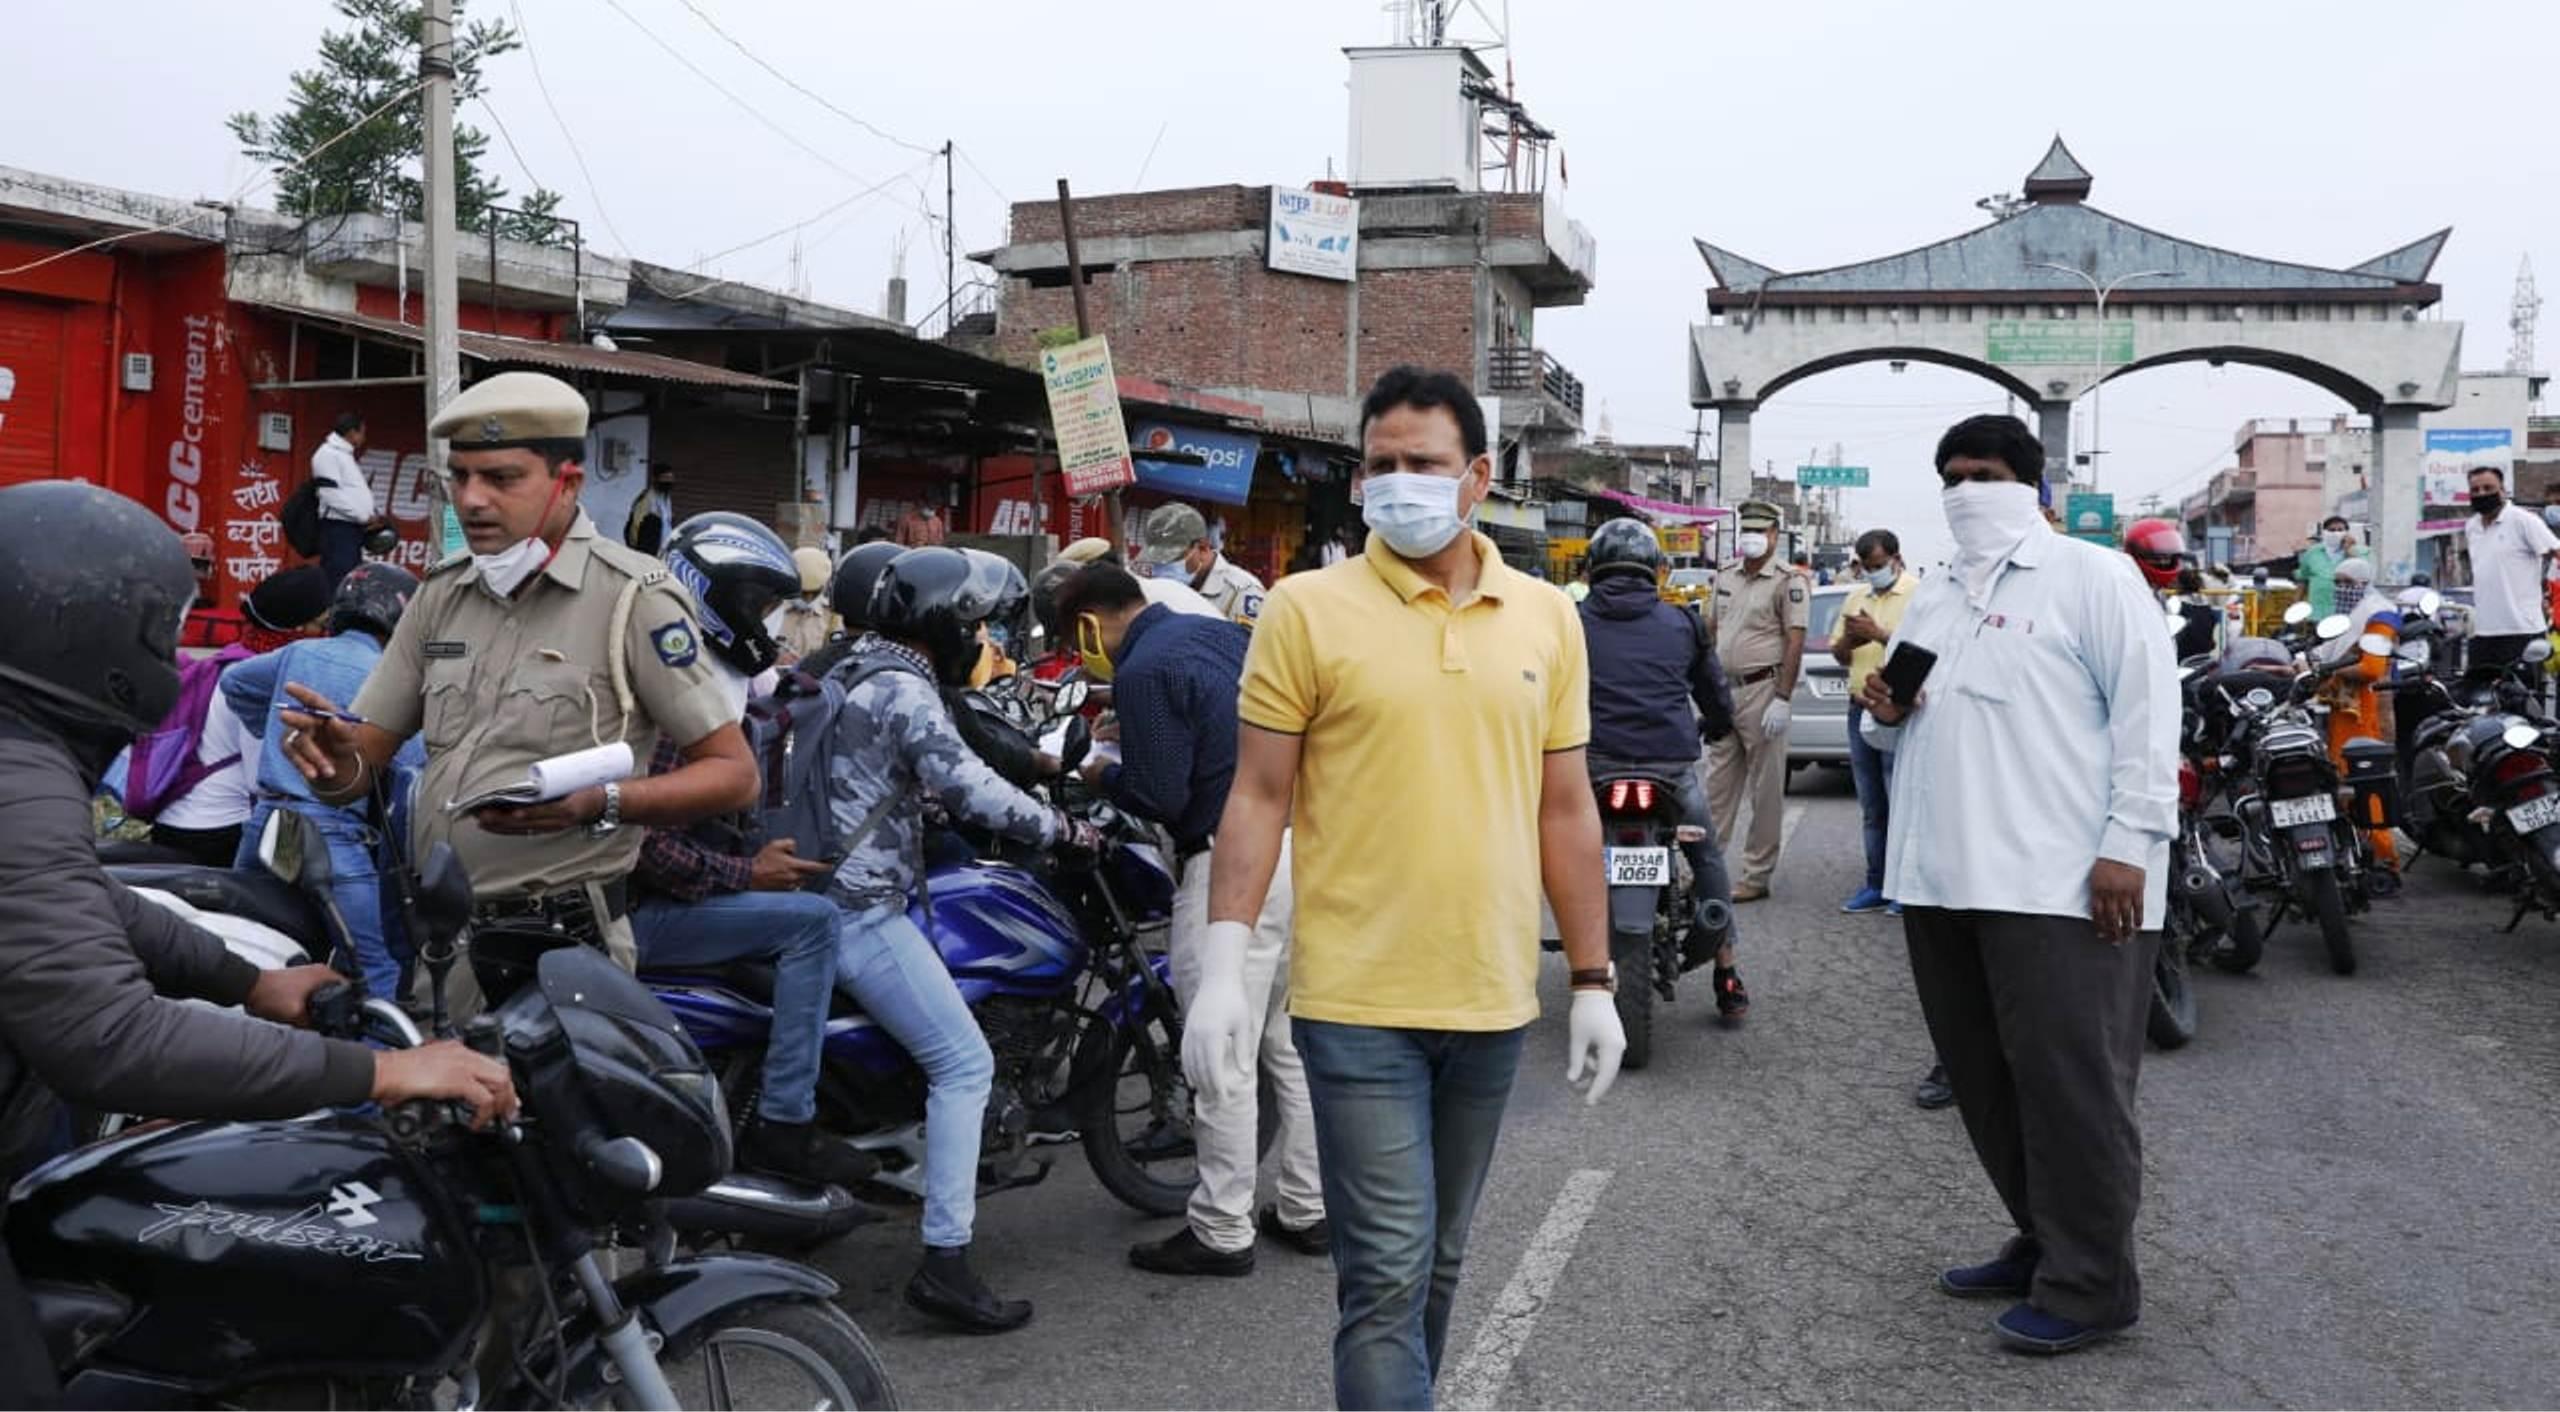 कर्फ्यू में ढील बढ़ने के बाद जायजा लेने सड़क पर उतरे डीसी ऊना संदीप कुमार, कई वाहन जब्त